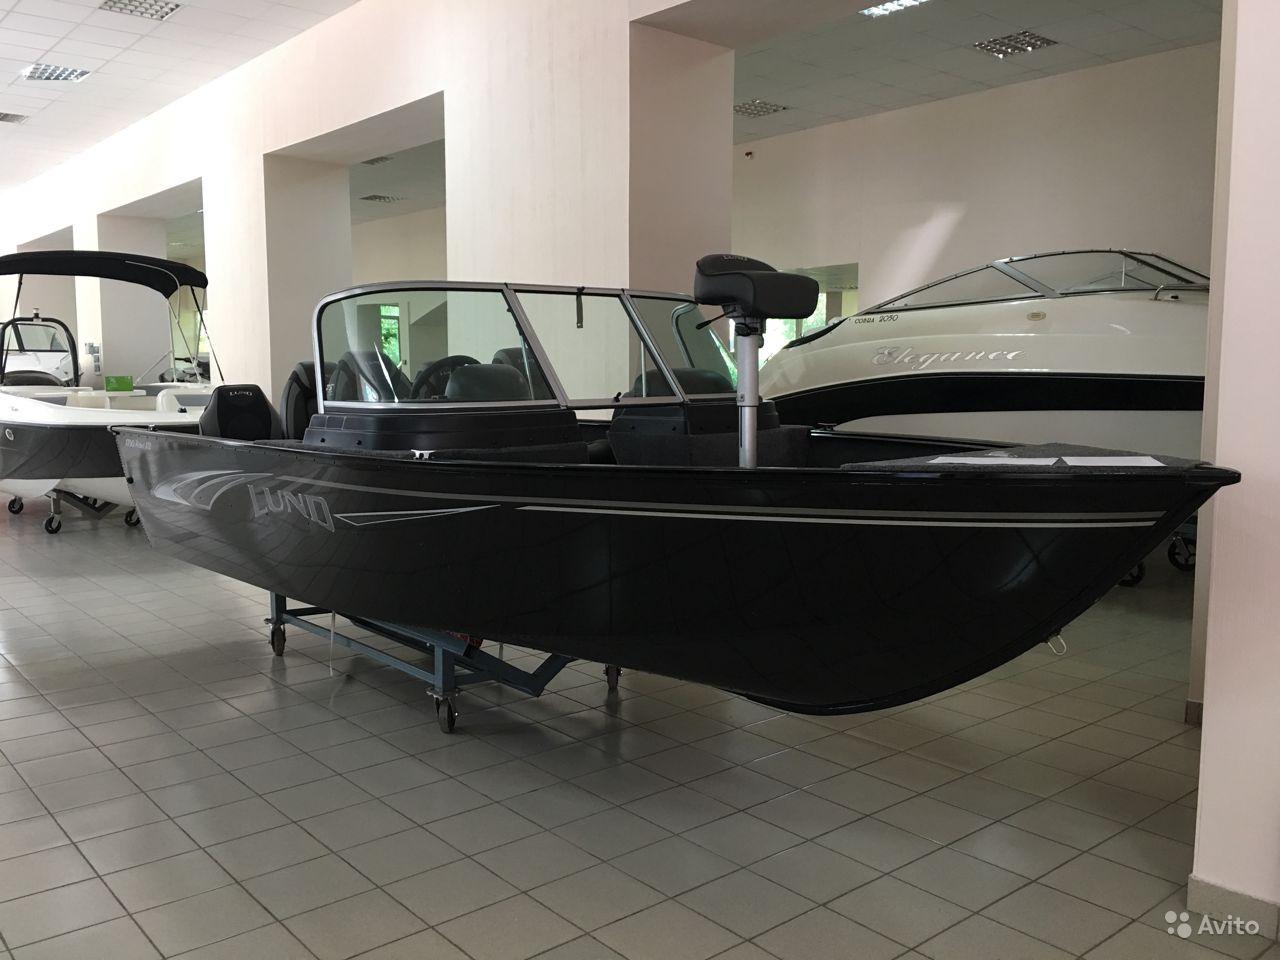 Лодка Lund 1750 Rebel XS с мотором